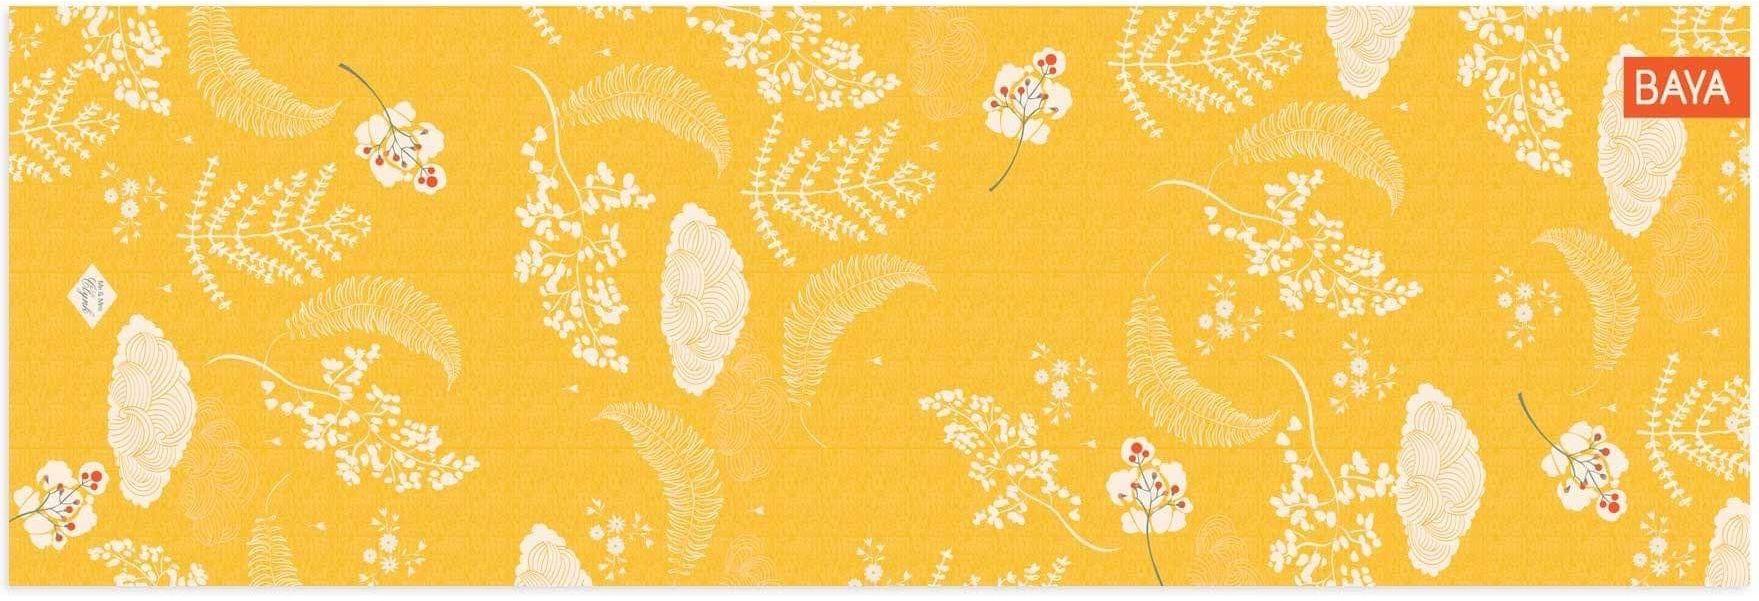 Krásná designová jóga podložka žlutá s vysokou kvalitou pro domácí jógu i jógu ve studiu.